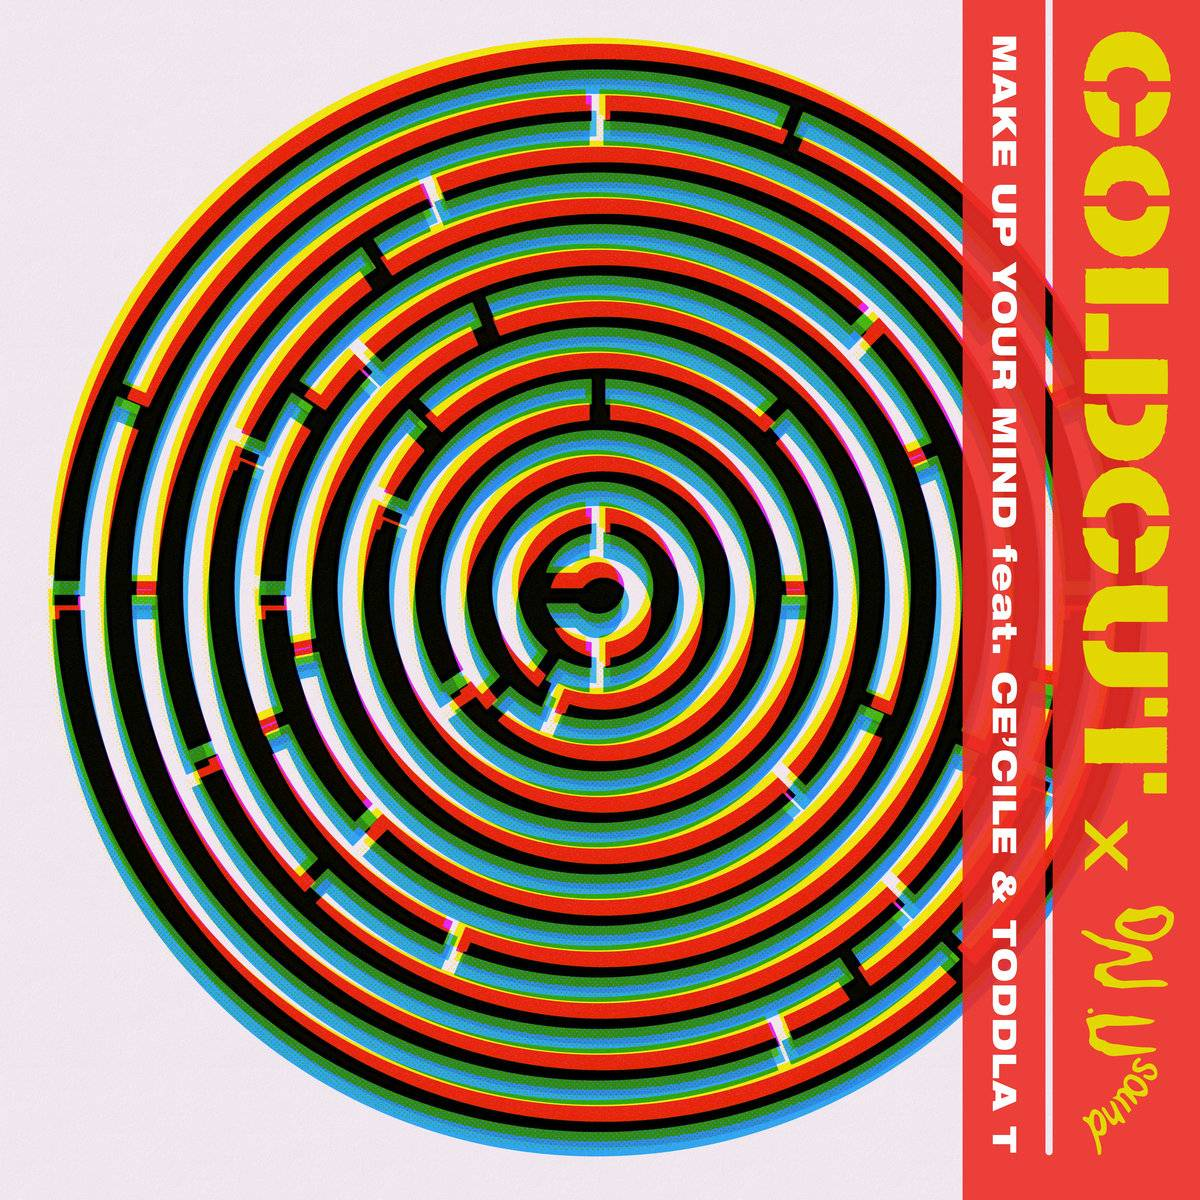 Coldcut - Make Up Your Mind (2018)